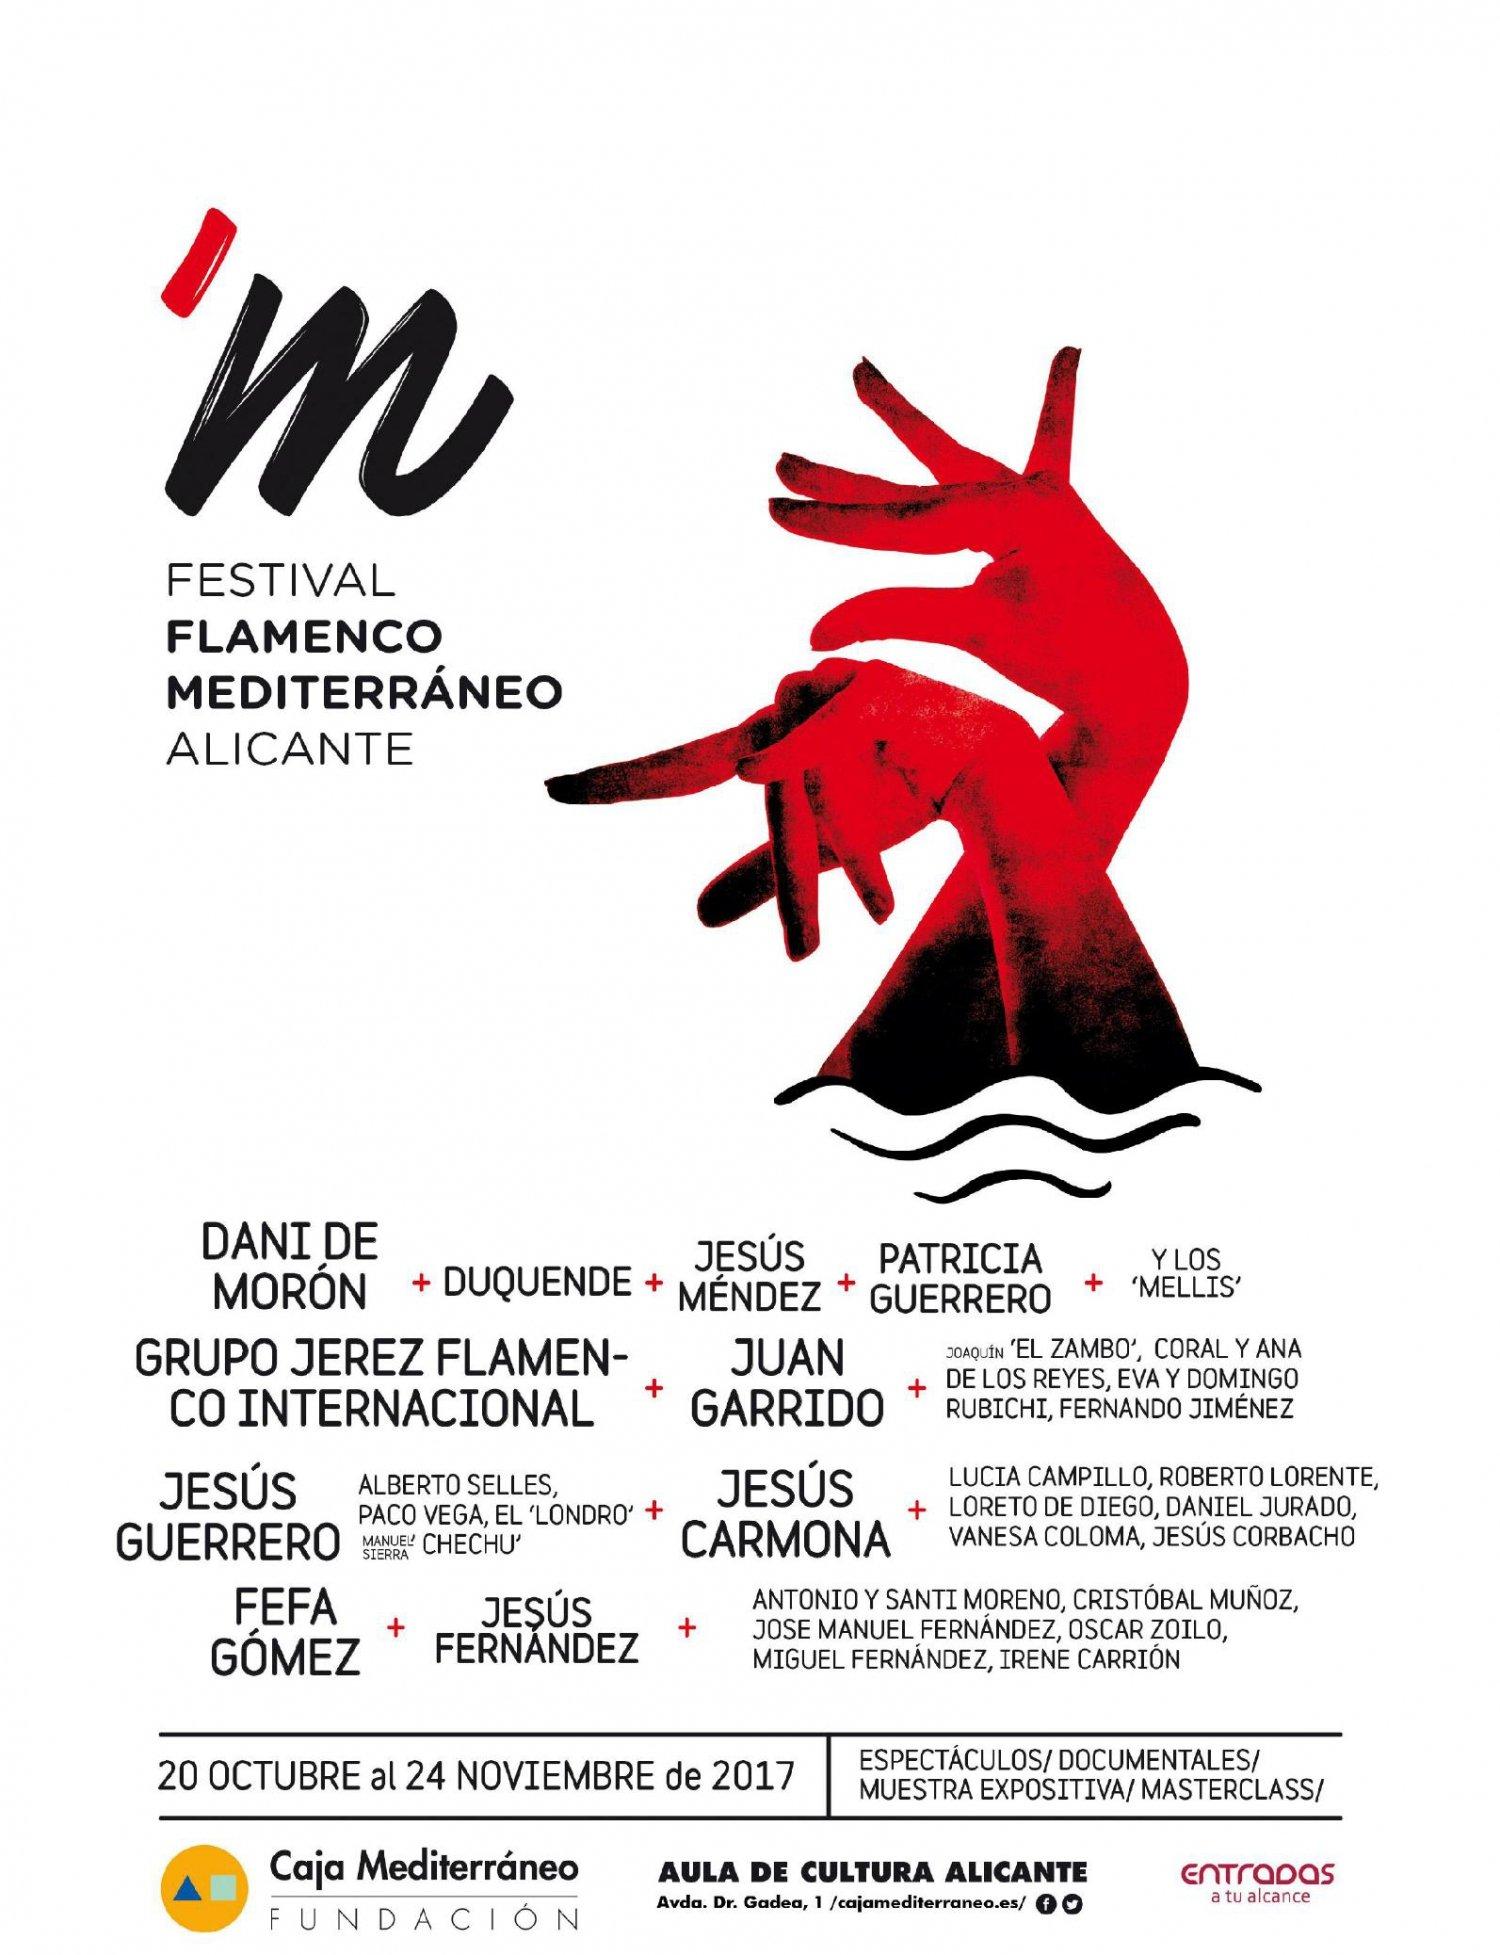 Festival Flamenco Mediterraneo in Alicante